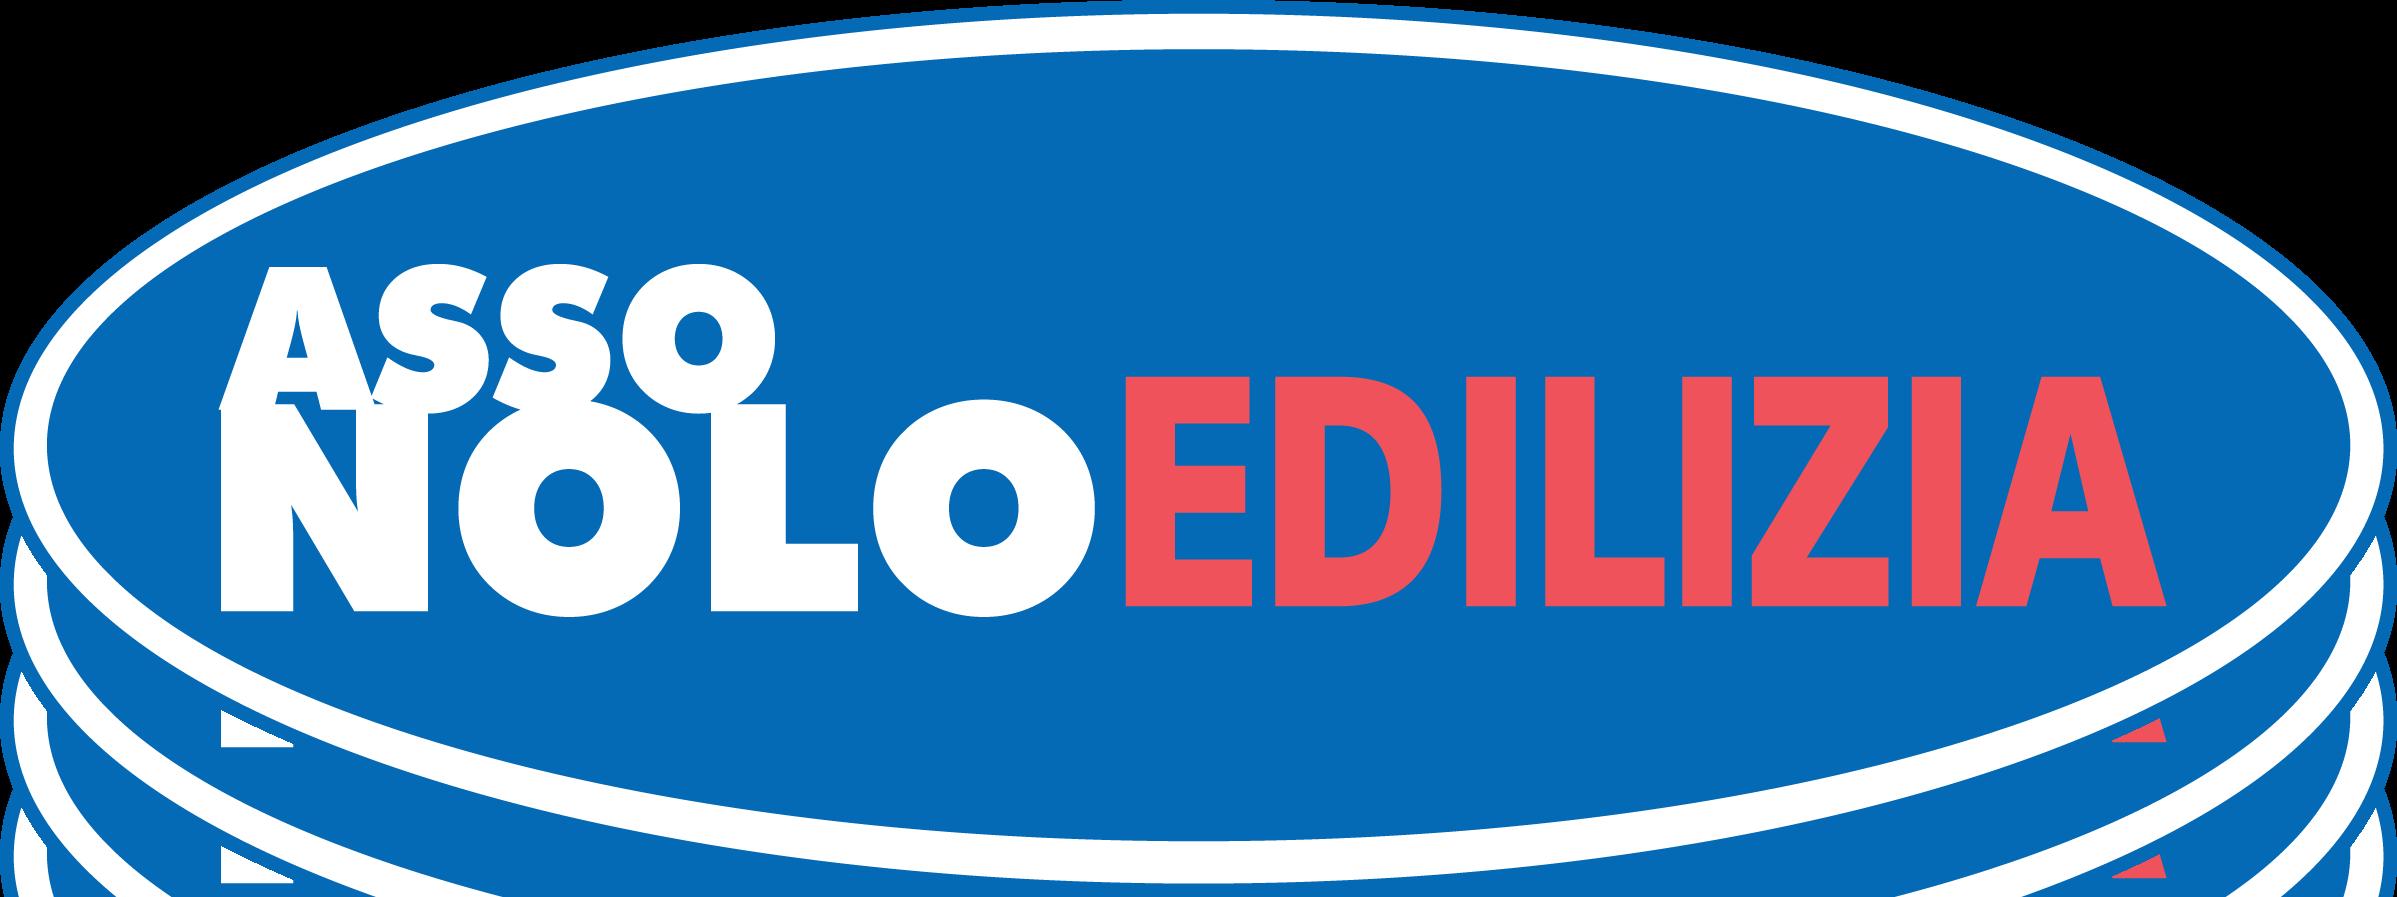 Noleggio NoloEdilizia